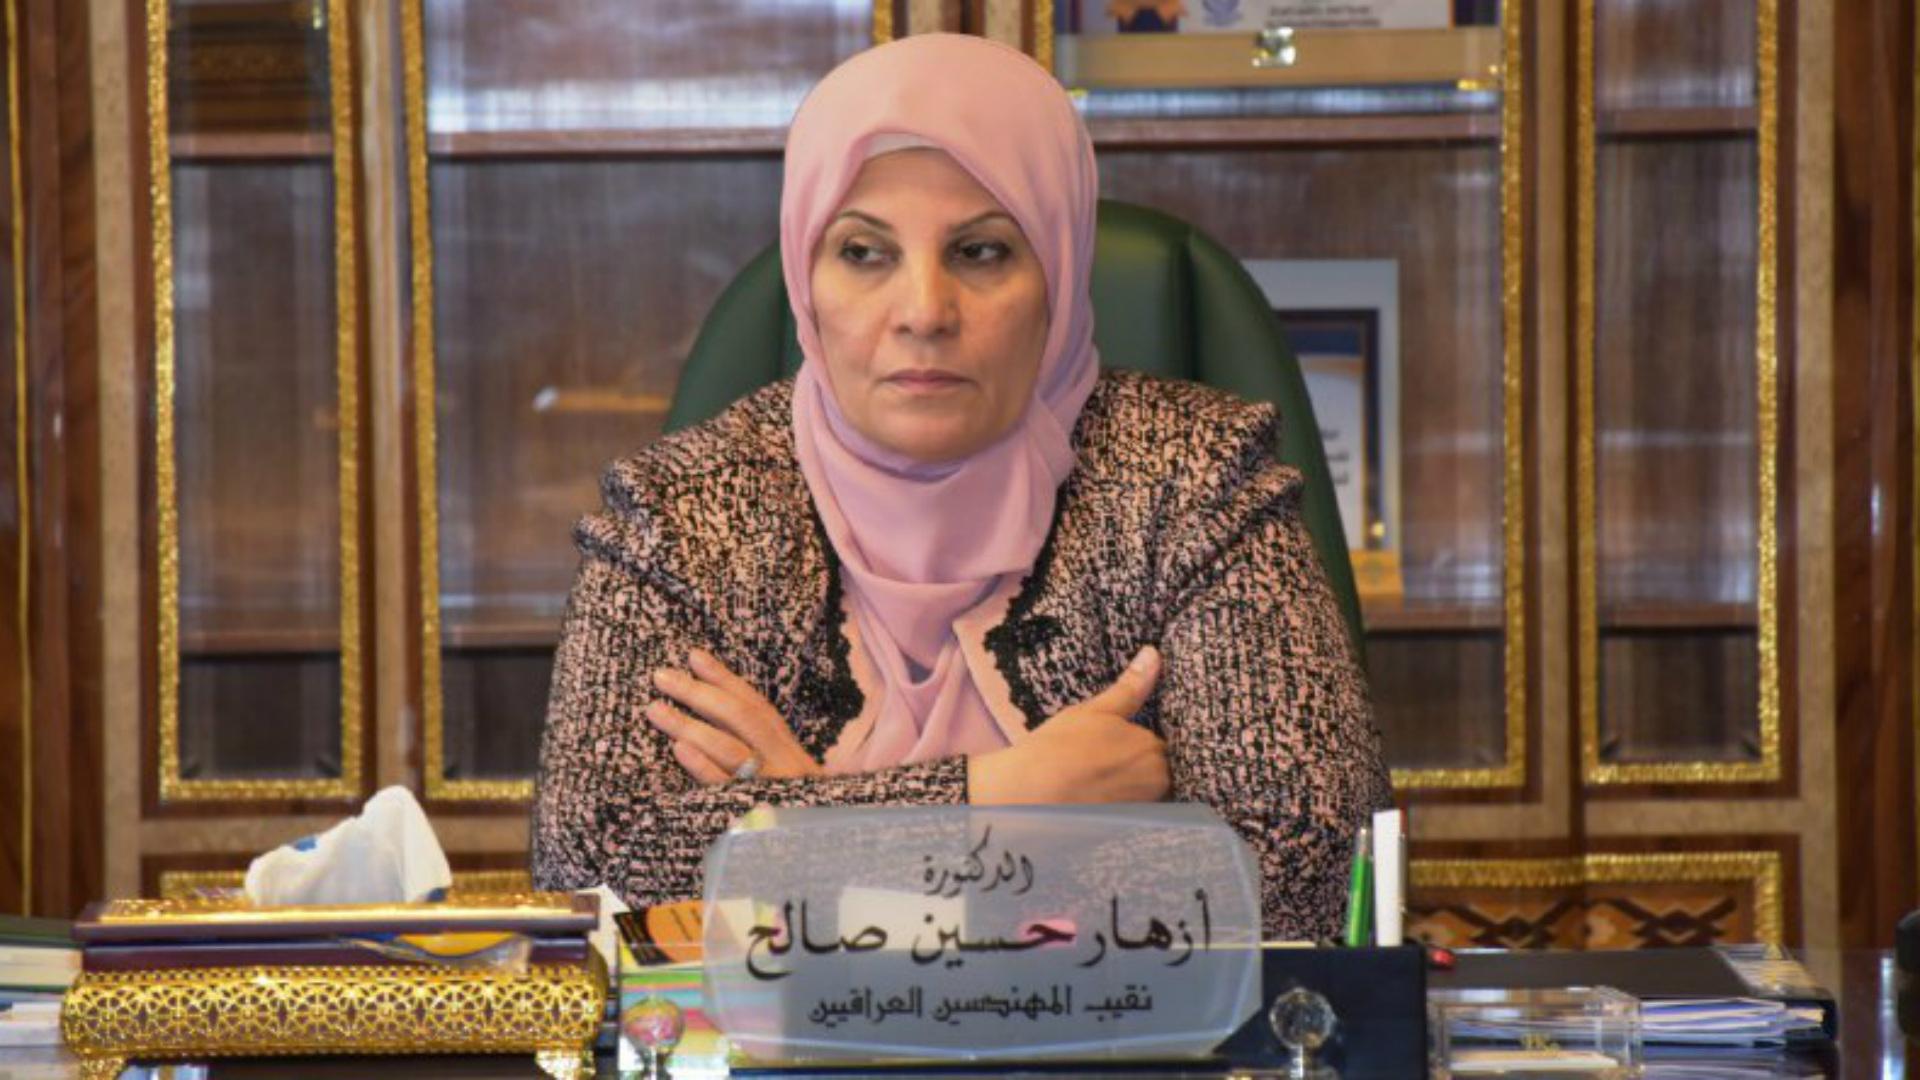 أول عراقية تحصل على جائزة المرأة العربية المتميزة